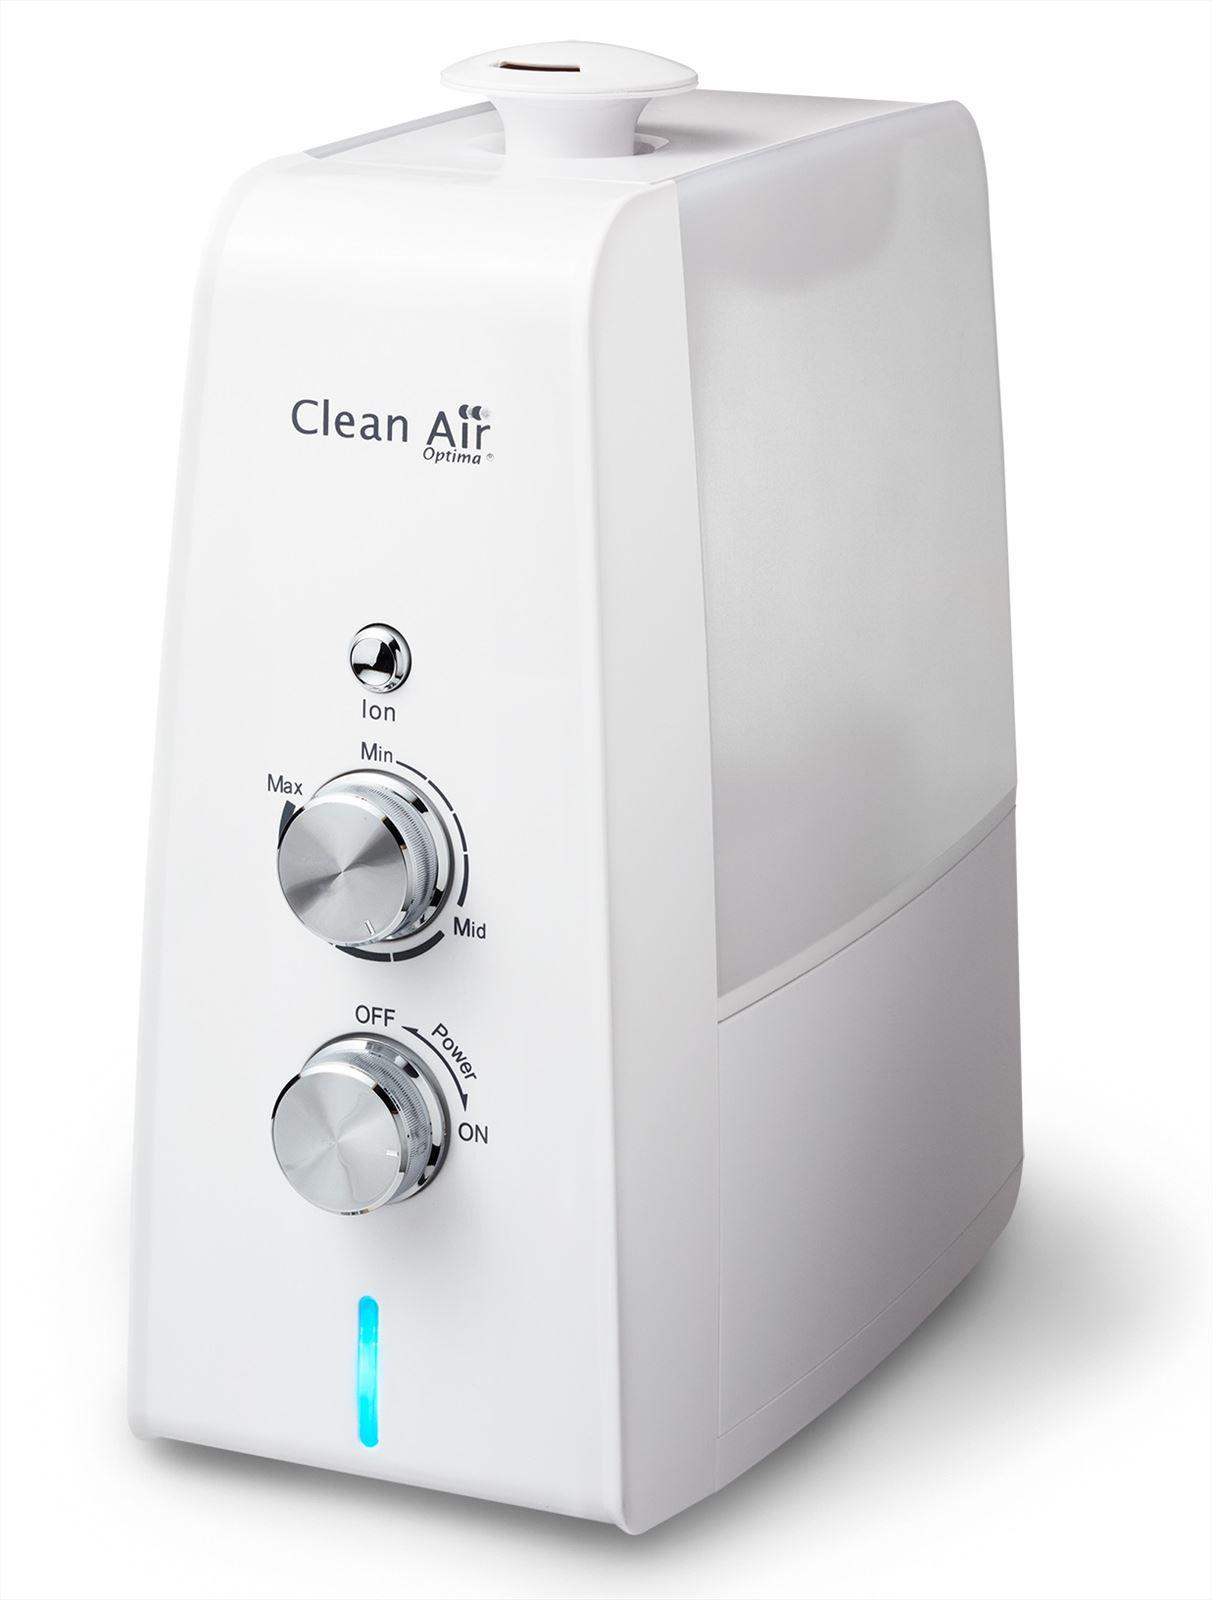 humidificateur d air ultrason ioniseur ca 602 purificateurs et humidificateurs d air de. Black Bedroom Furniture Sets. Home Design Ideas